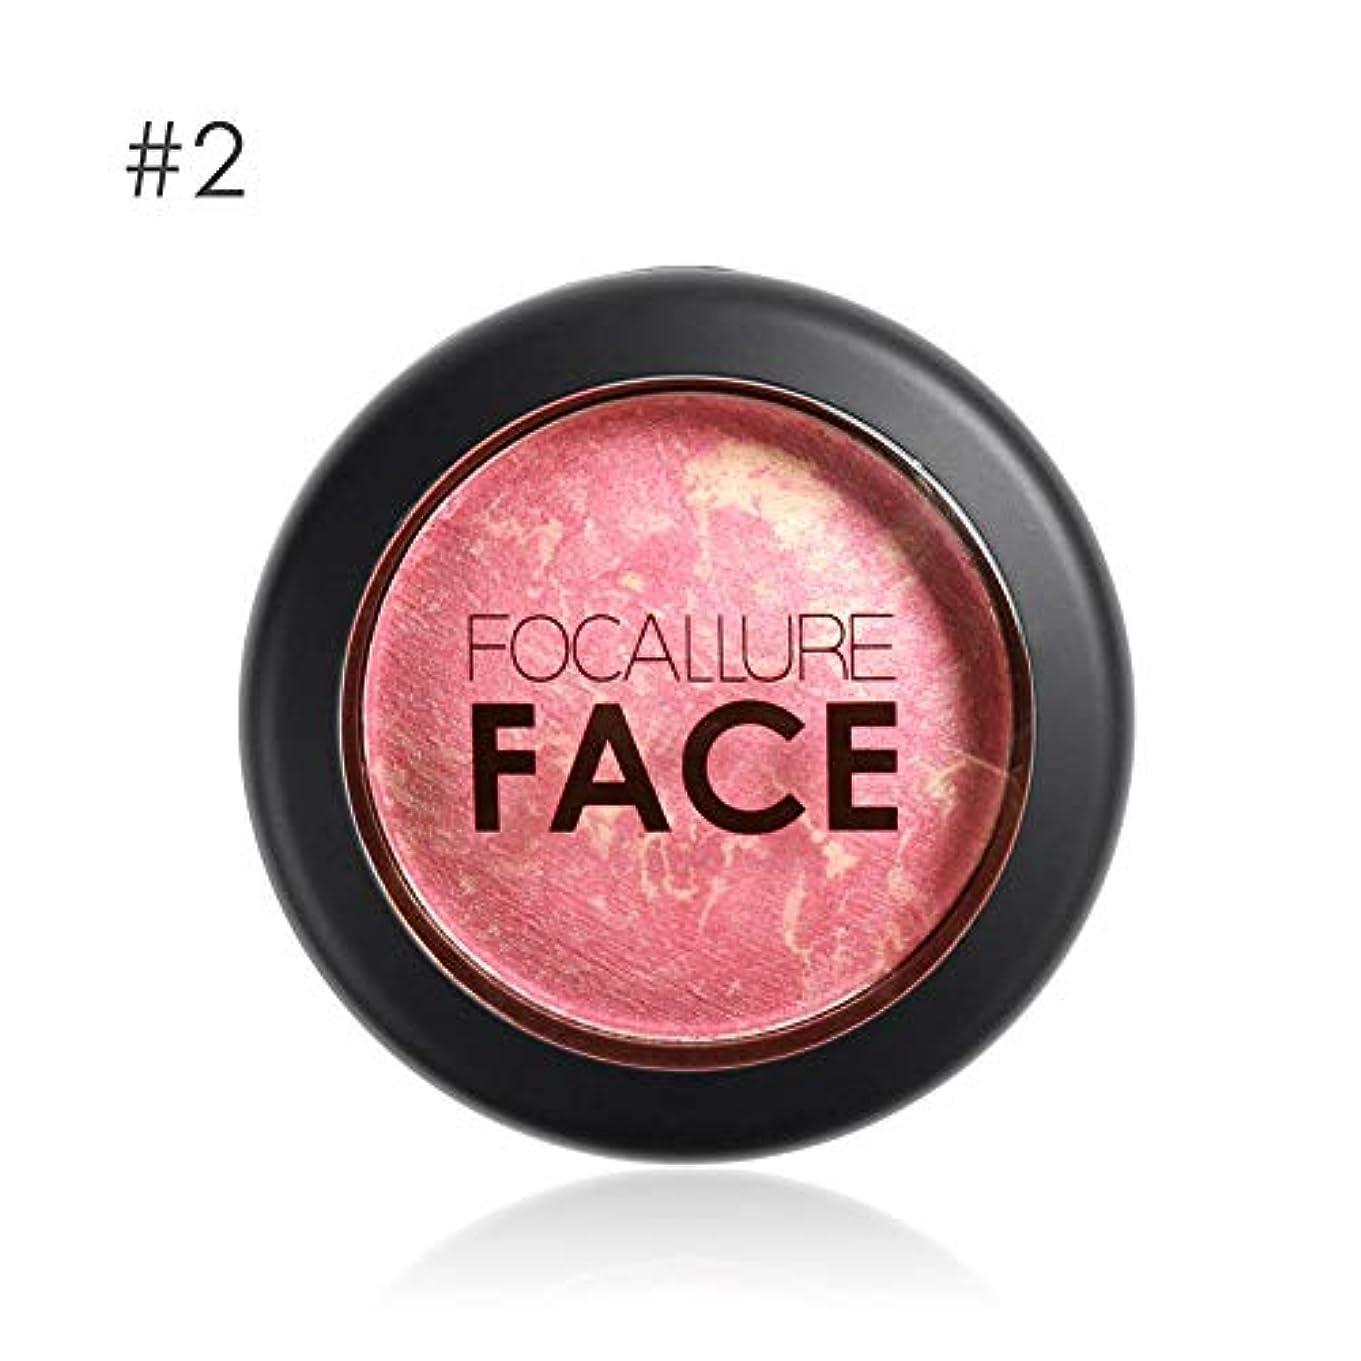 壁高速道路要件Focallure 6色プロフェッショナル頬焼き赤面フェイス輪郭頬紅メイク - 2#